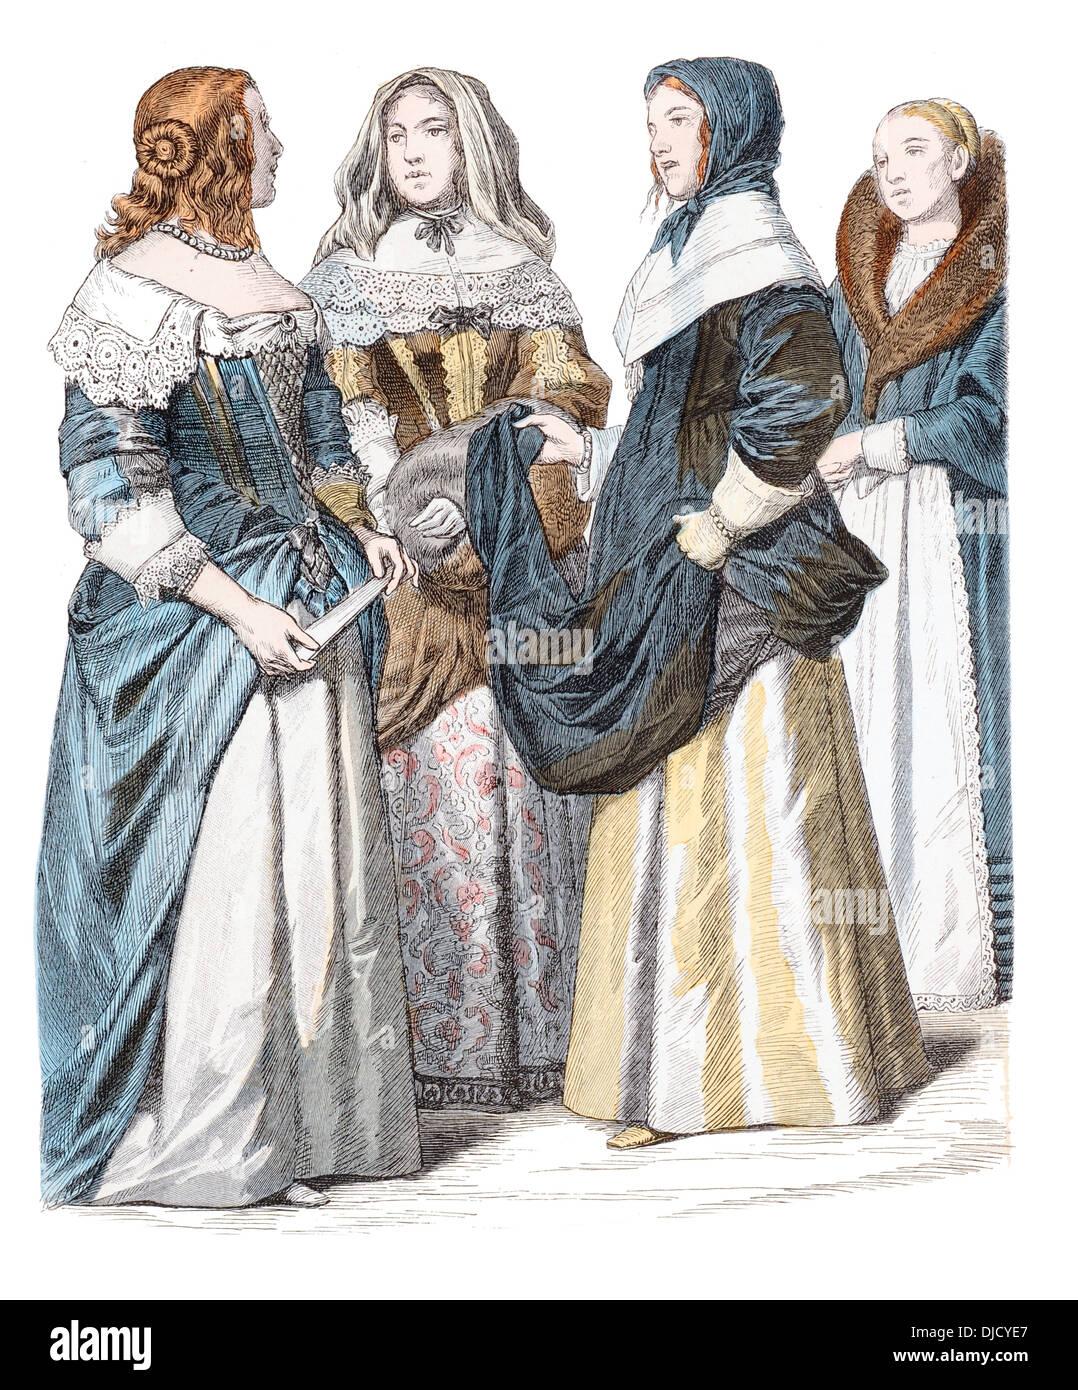 Kostm Aus Dem 17 Jahrhundert Stockfotos  Kostm Aus Dem 17 Jahrhundert Bilder  Alamy